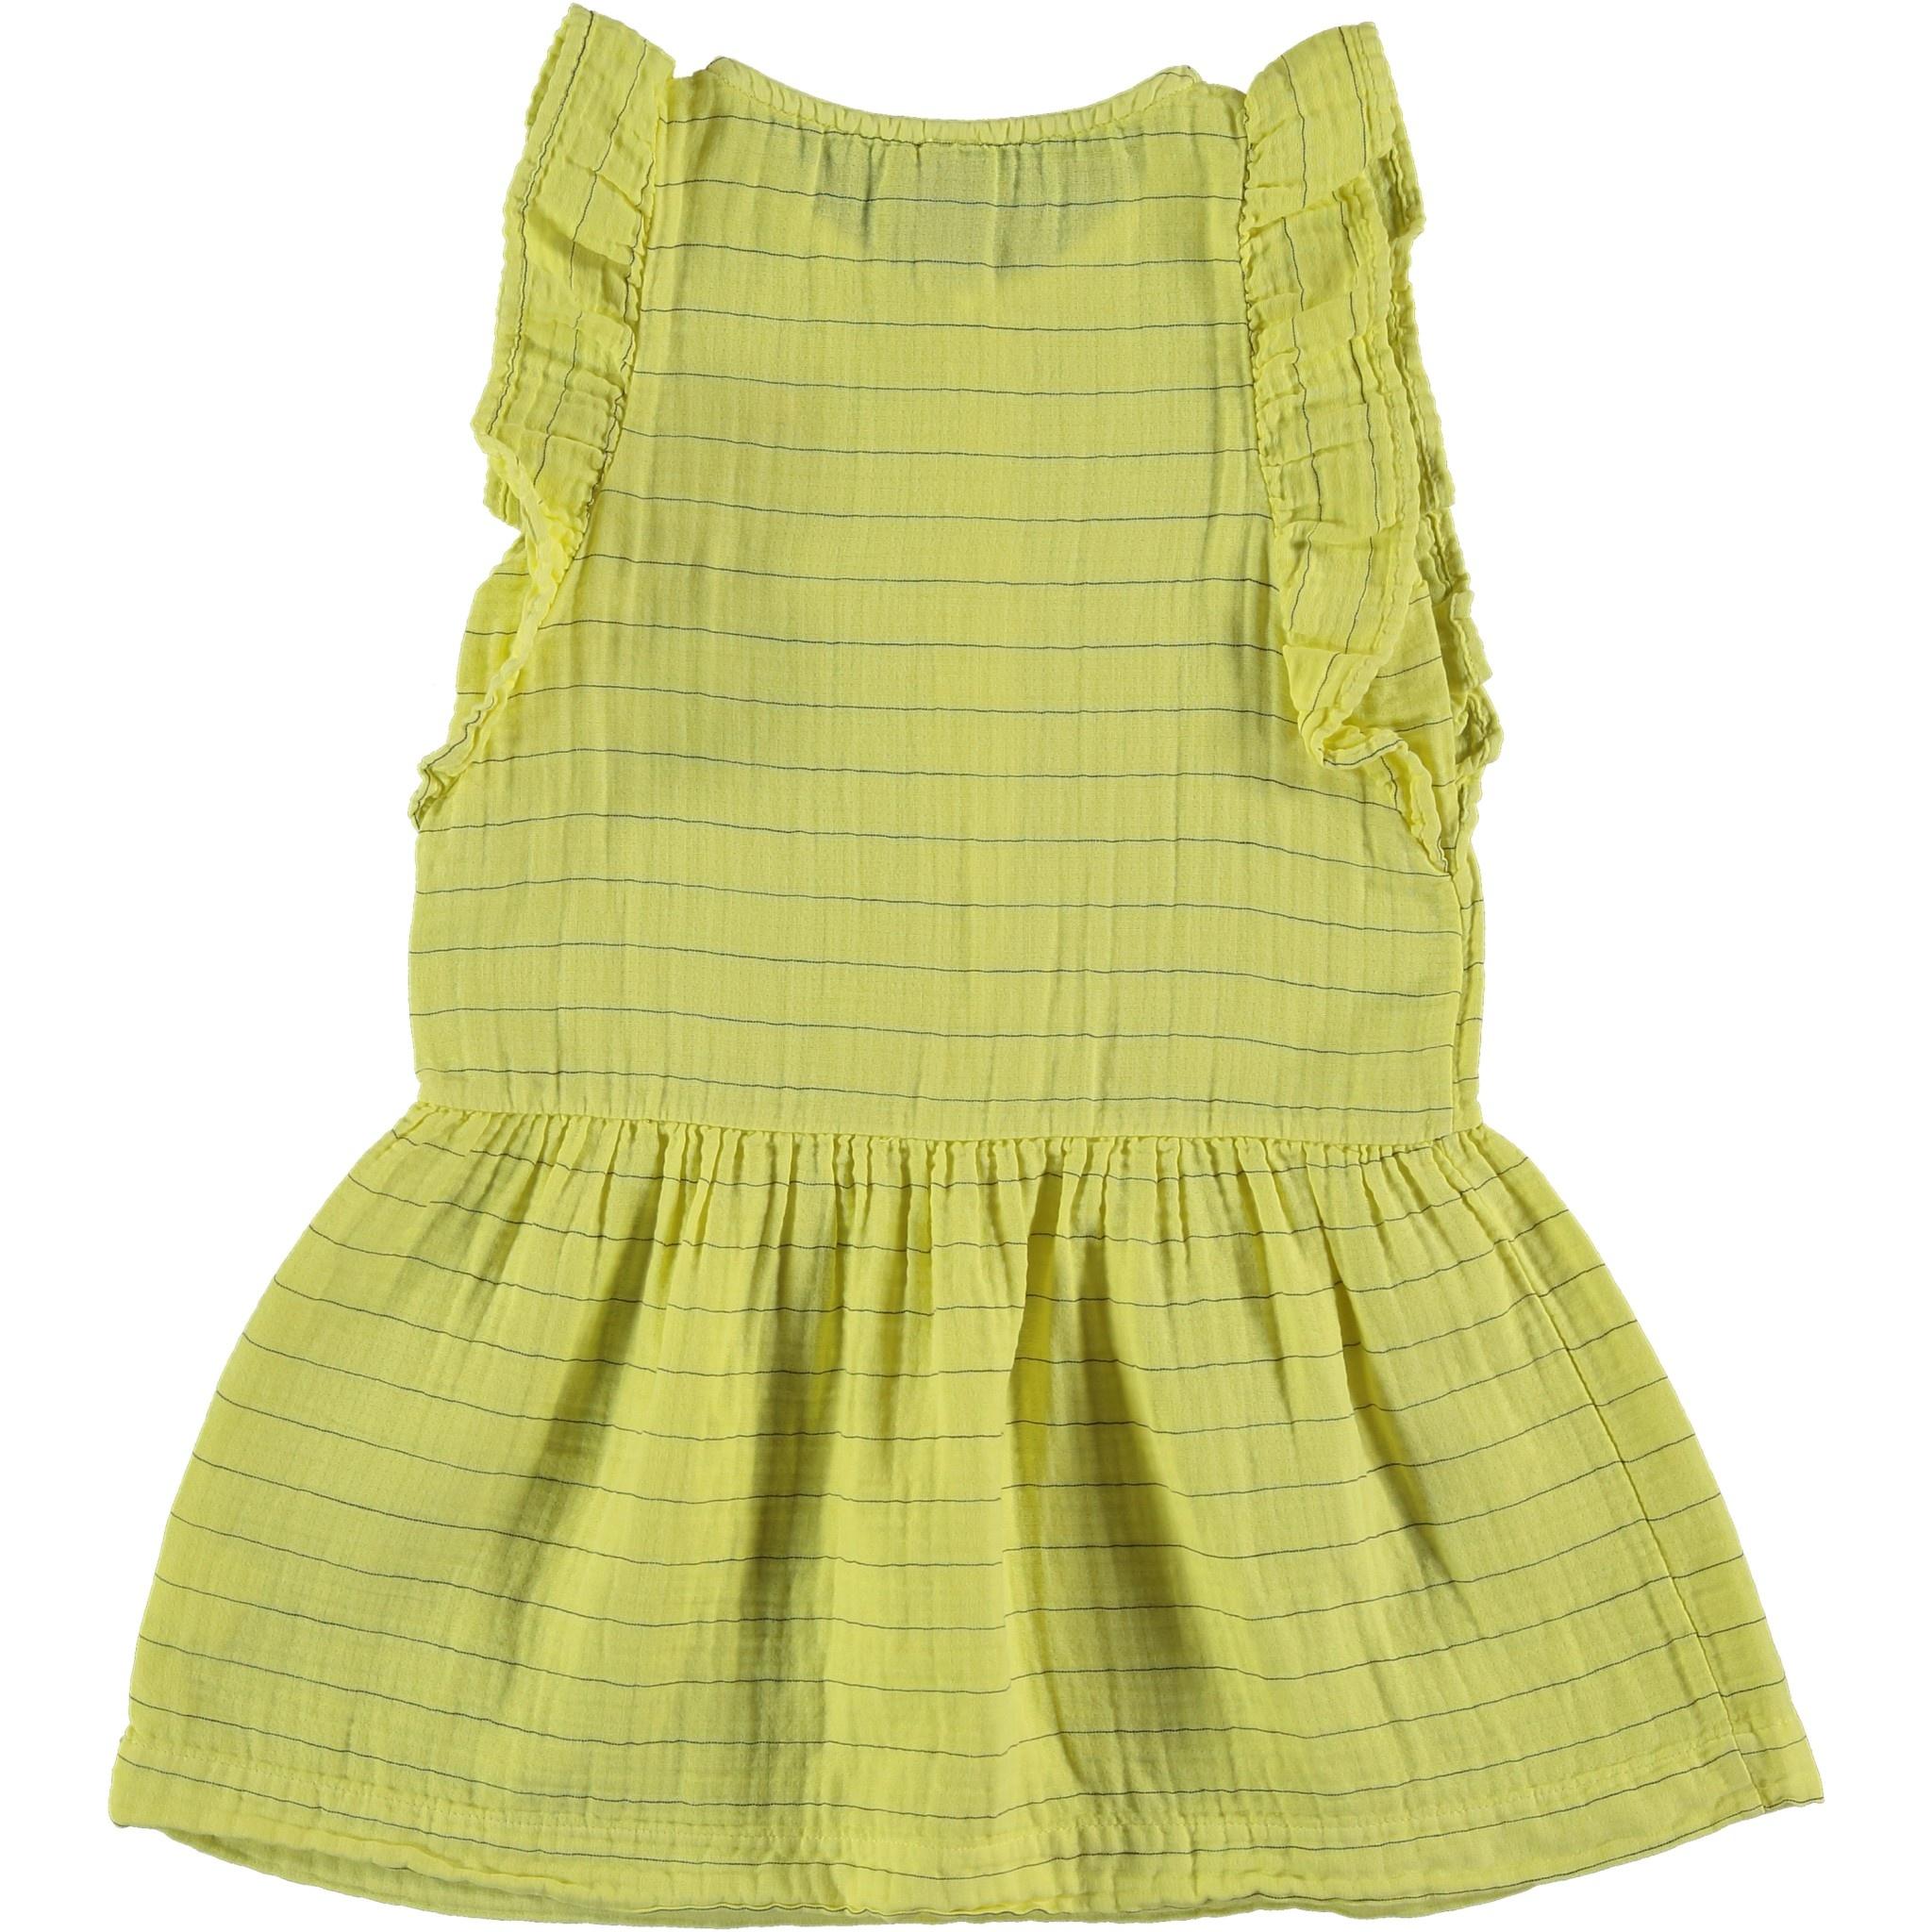 Dress frill stripes dot sunshine yellow kids-4